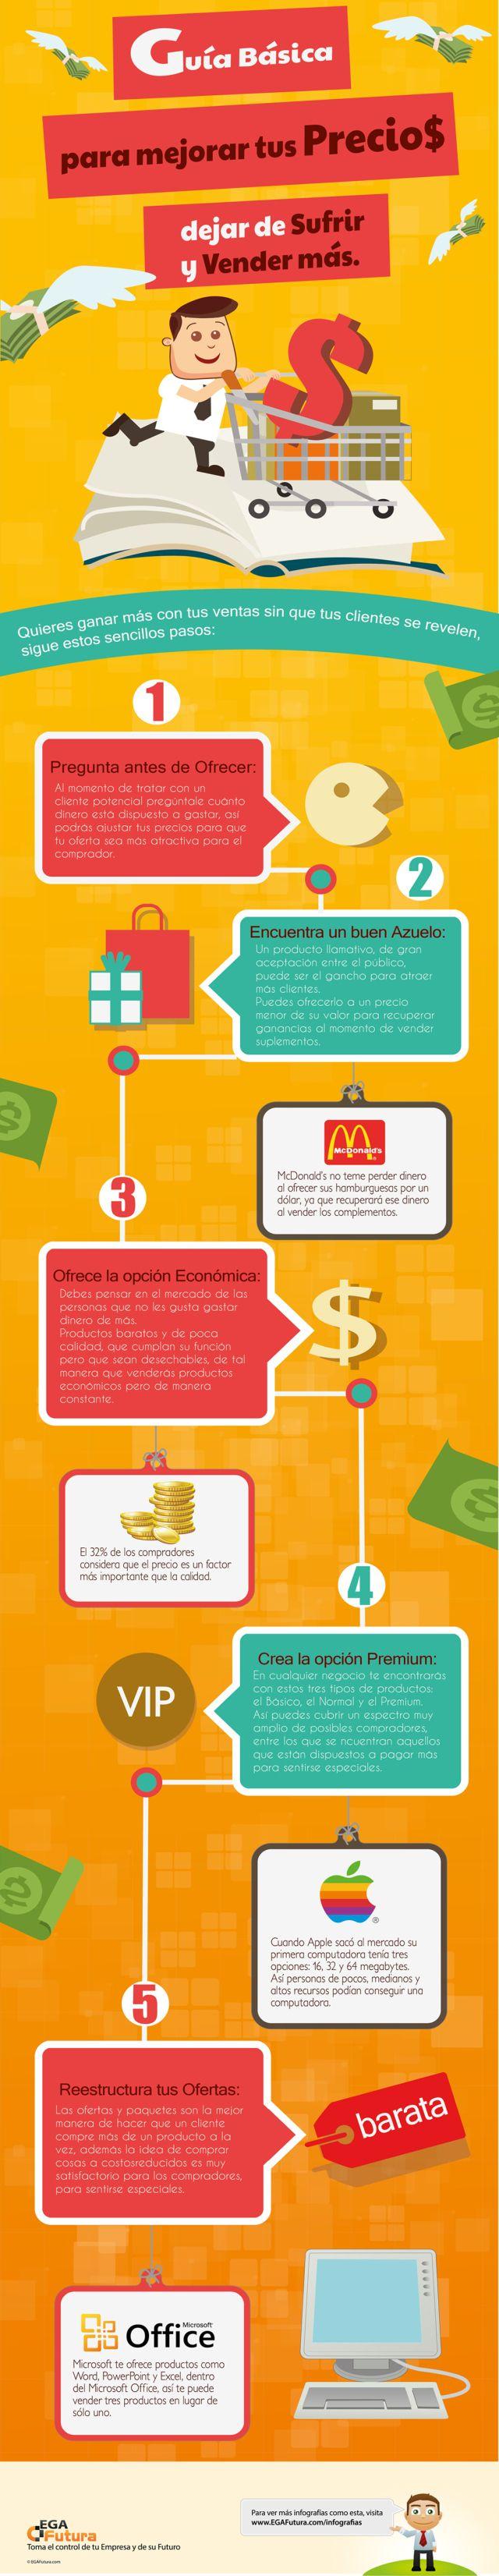 Guía para mejorar precios – dejar de sufrir y vender más #infografia #infographic #marketing